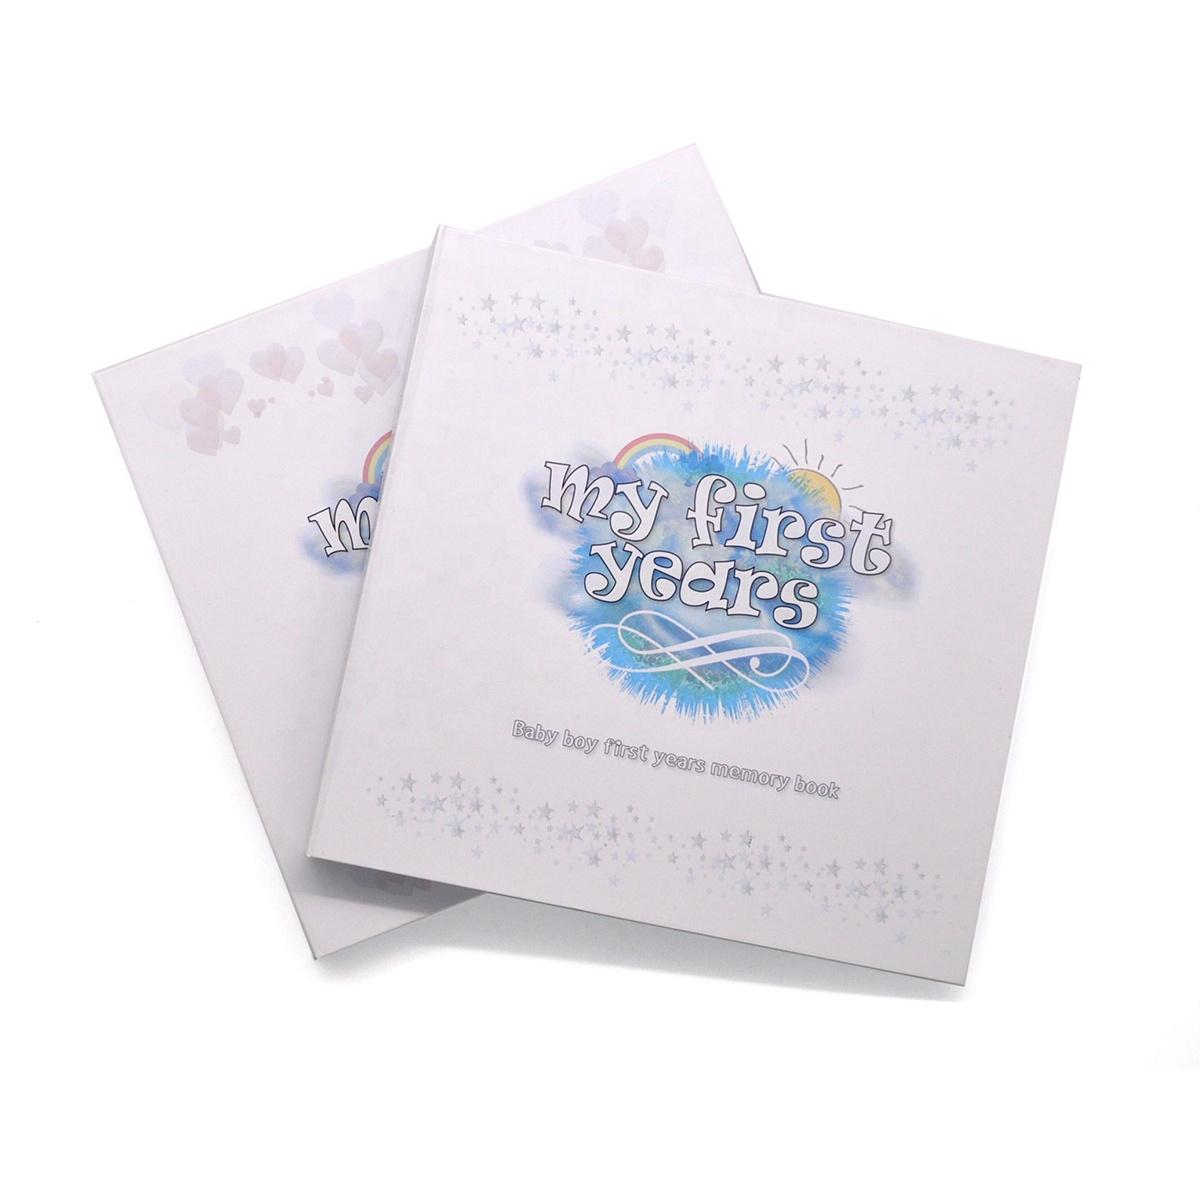 Adorável Capa Dura escondido espiral anel de arame memória bebê livros Álbum de Fotos Estilo Logotipo Personalizado OEM